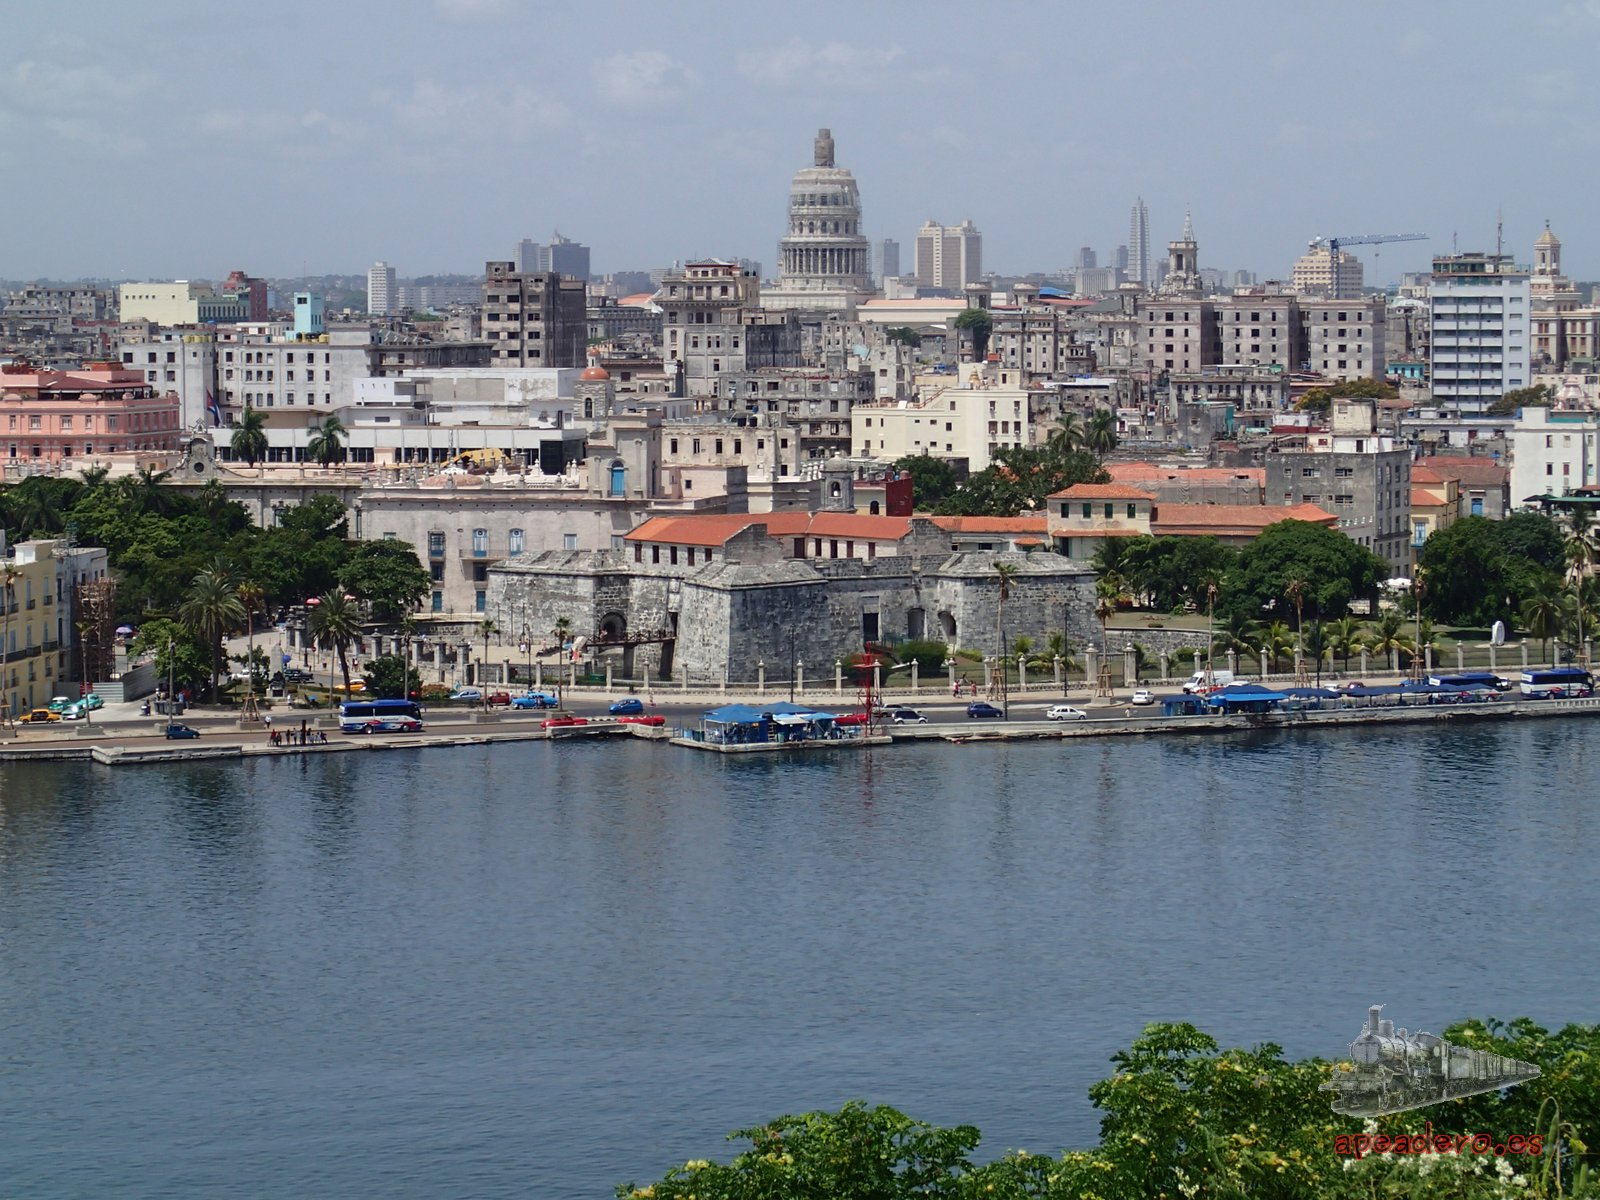 La ciudad de La Habana nos enamoró en pocos días. Pasamos más de 8 noches allí y todavía tiene lugares que queremos visitar.